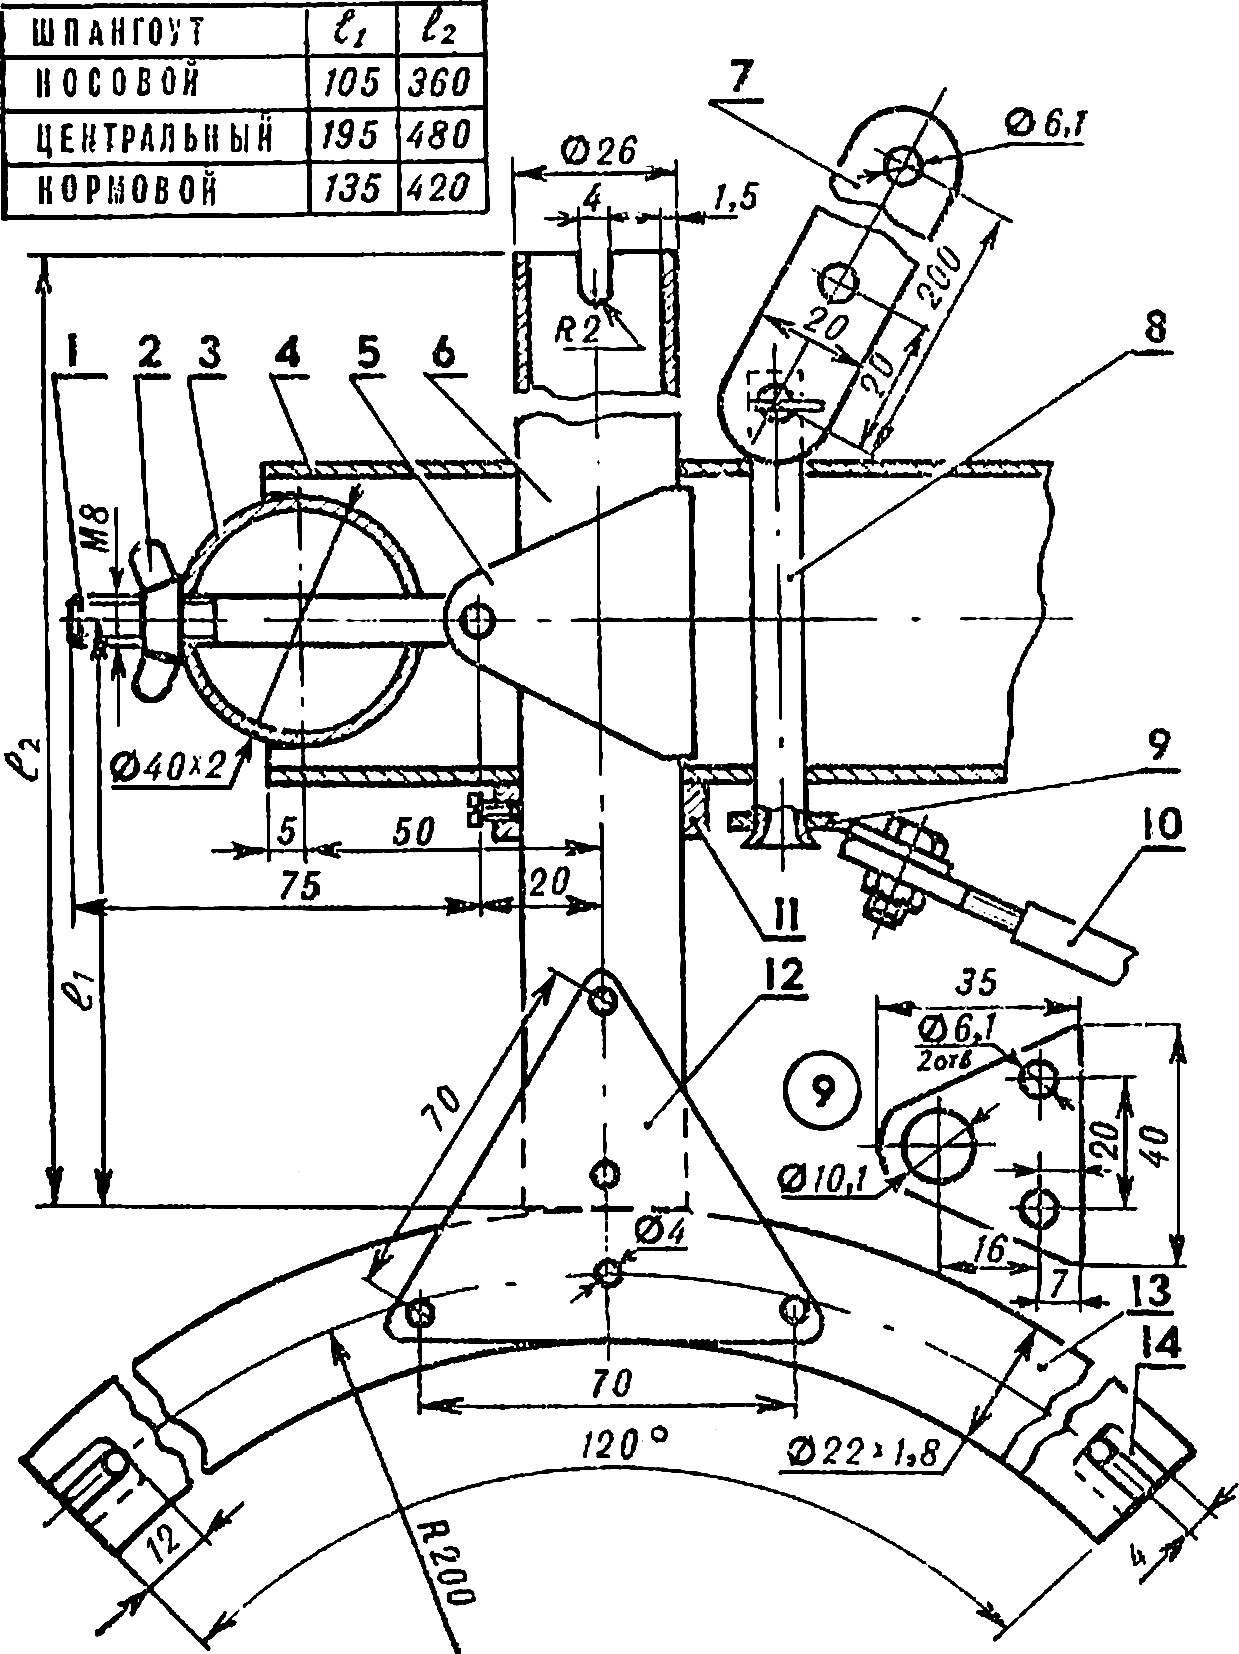 Рис. 6. Типовой соединительный узел шпангоута, стрингера и поперечной балки.